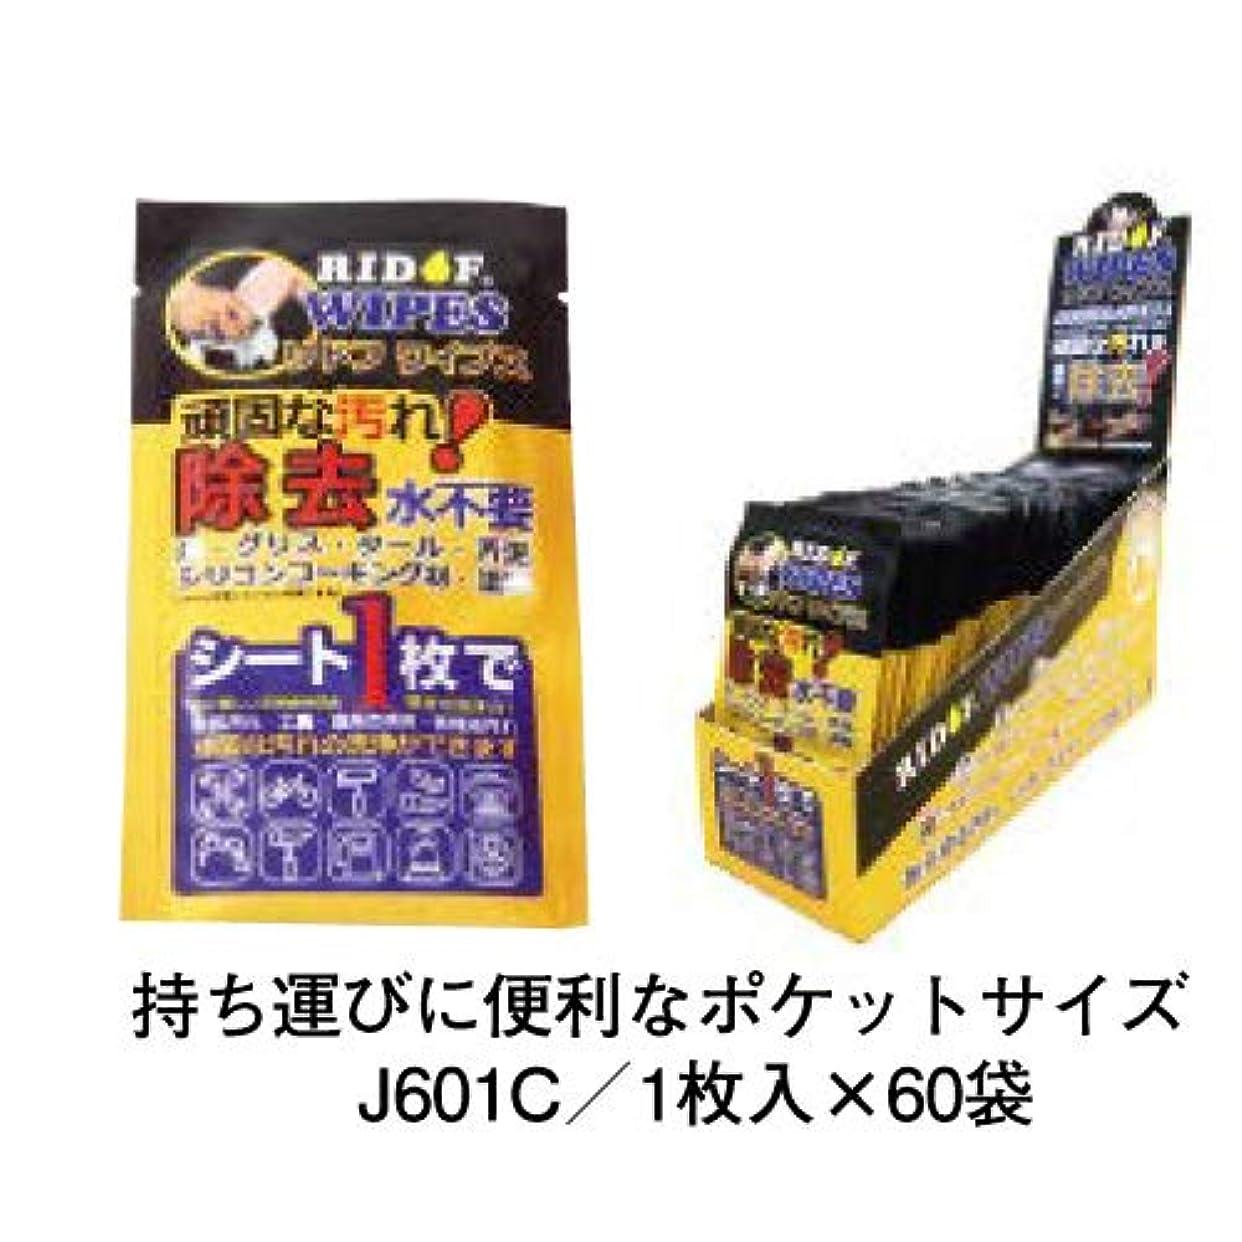 混合写真を描く速度リドフワイプス ポケットタイプ/1枚入×60袋 J601C